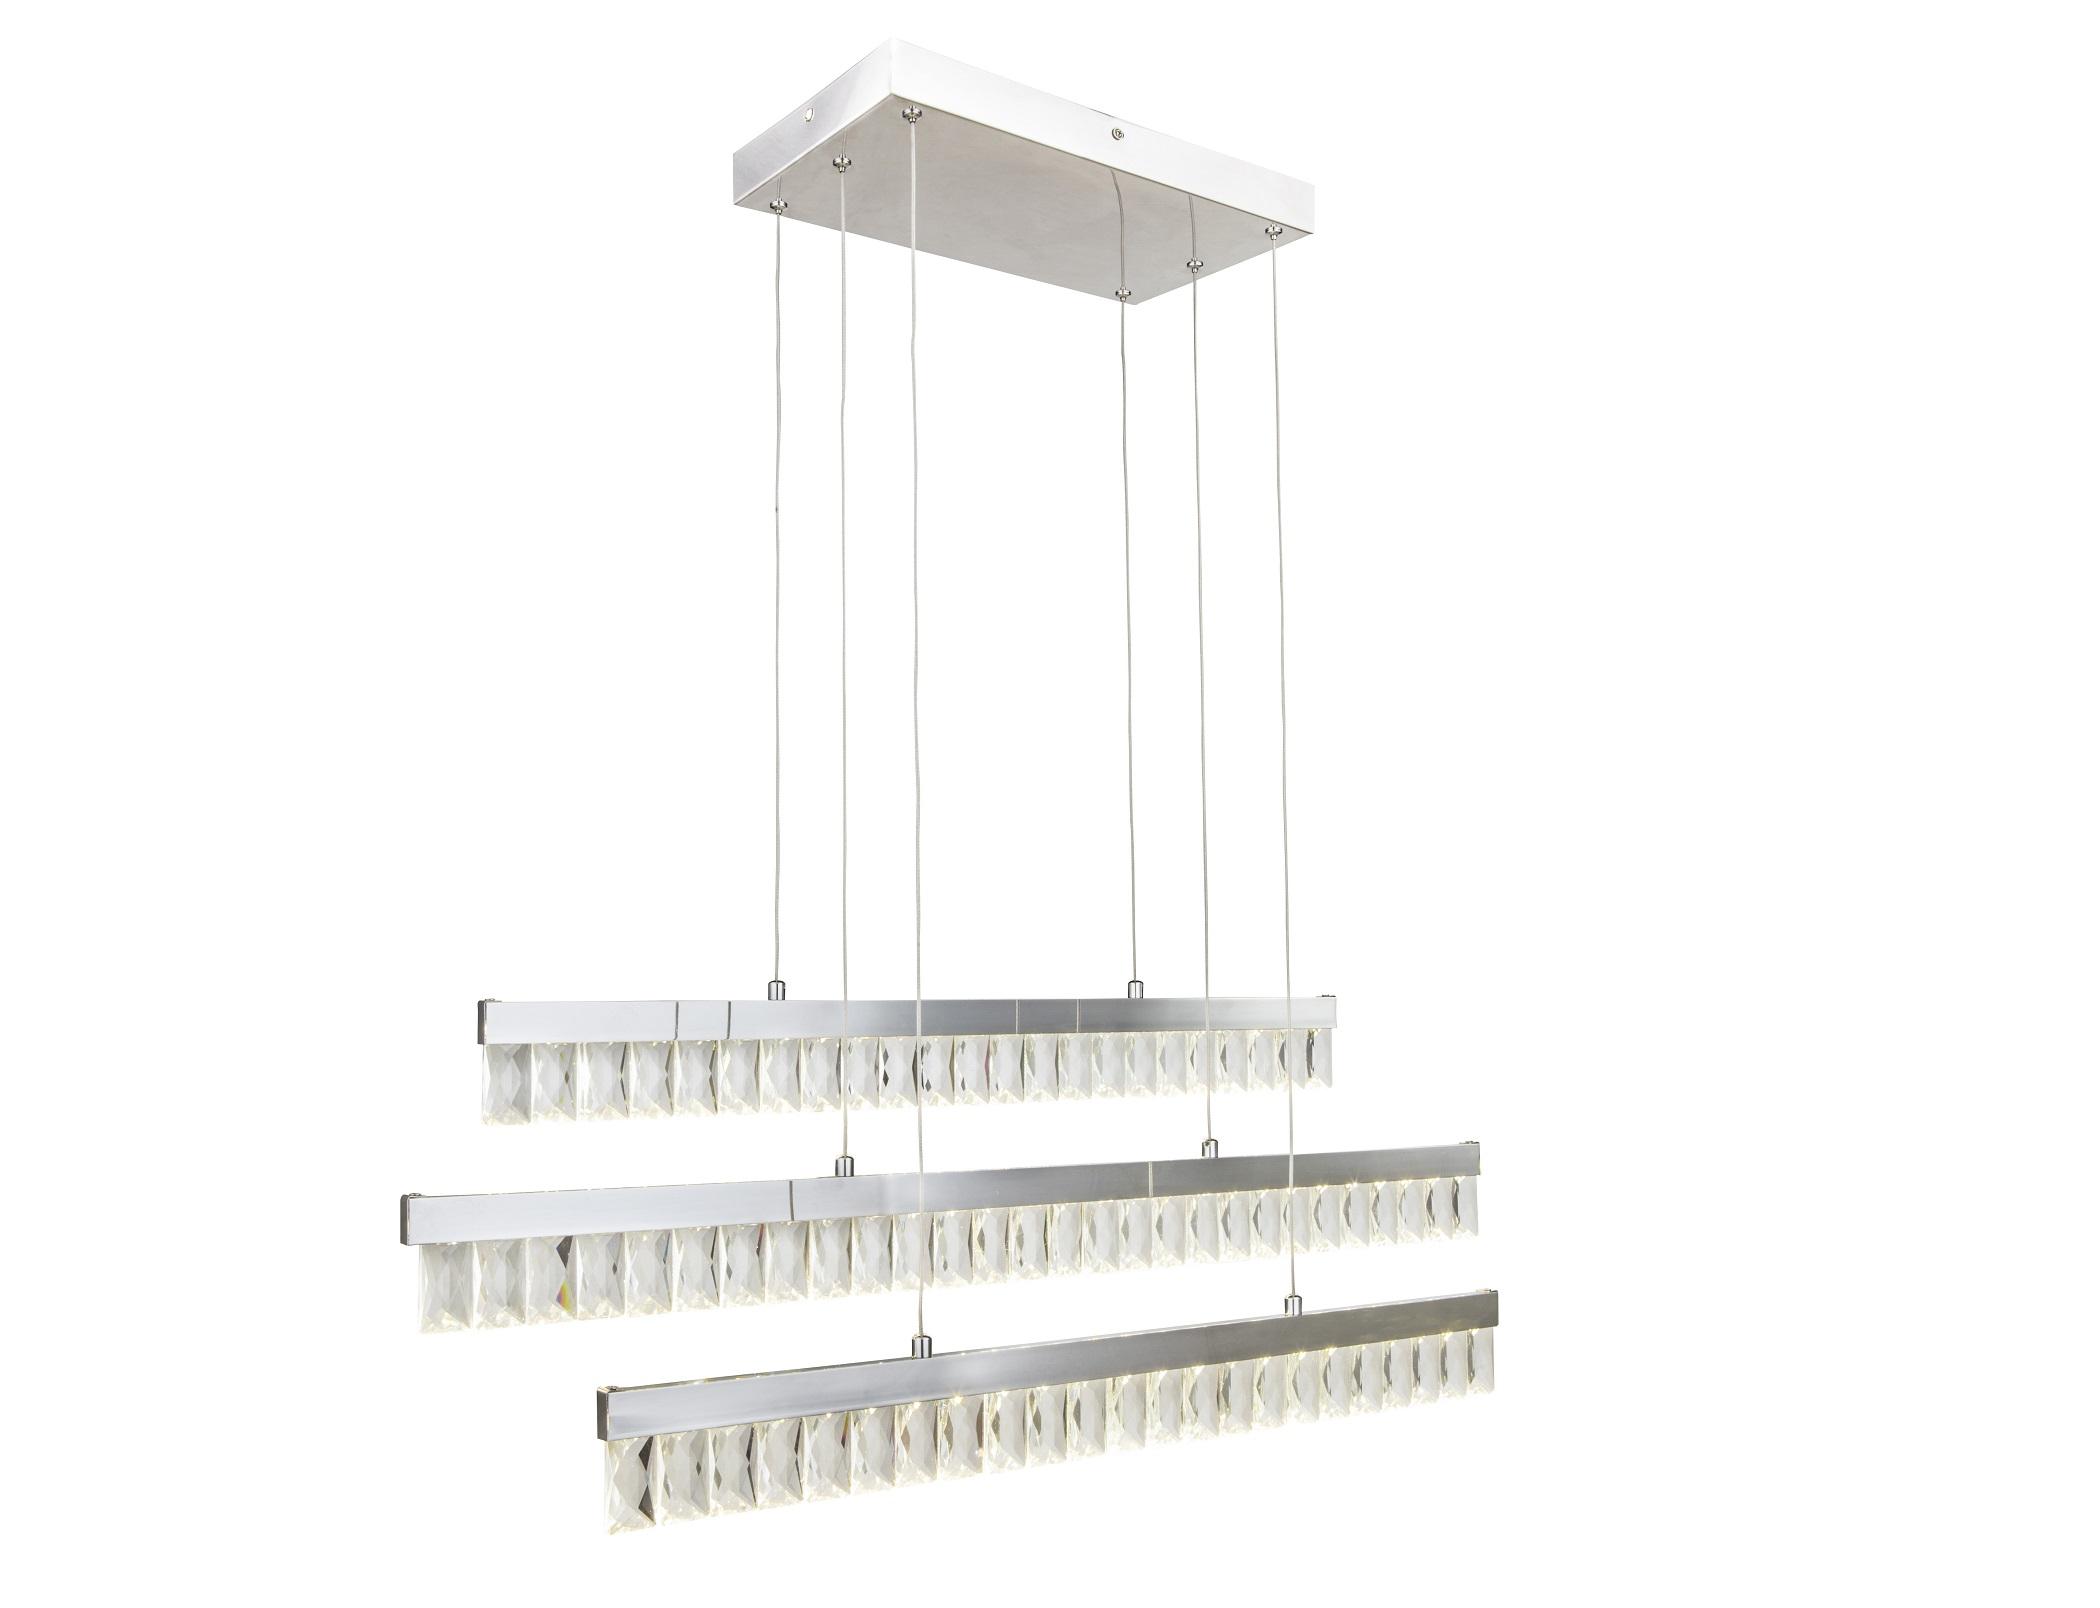 Светильник подвеснойПодвесные светильники<br>&amp;lt;div&amp;gt;&amp;lt;div&amp;gt;Вид цоколя: LED&amp;lt;/div&amp;gt;&amp;lt;div&amp;gt;Мощность: &amp;amp;nbsp;45W&amp;amp;nbsp;&amp;lt;/div&amp;gt;&amp;lt;div&amp;gt;Количество ламп: 1 (в комплекте)&amp;lt;/div&amp;gt;&amp;lt;/div&amp;gt;<br><br>Material: Стекло<br>Ширина см: 85<br>Высота см: 120<br>Глубина см: 19